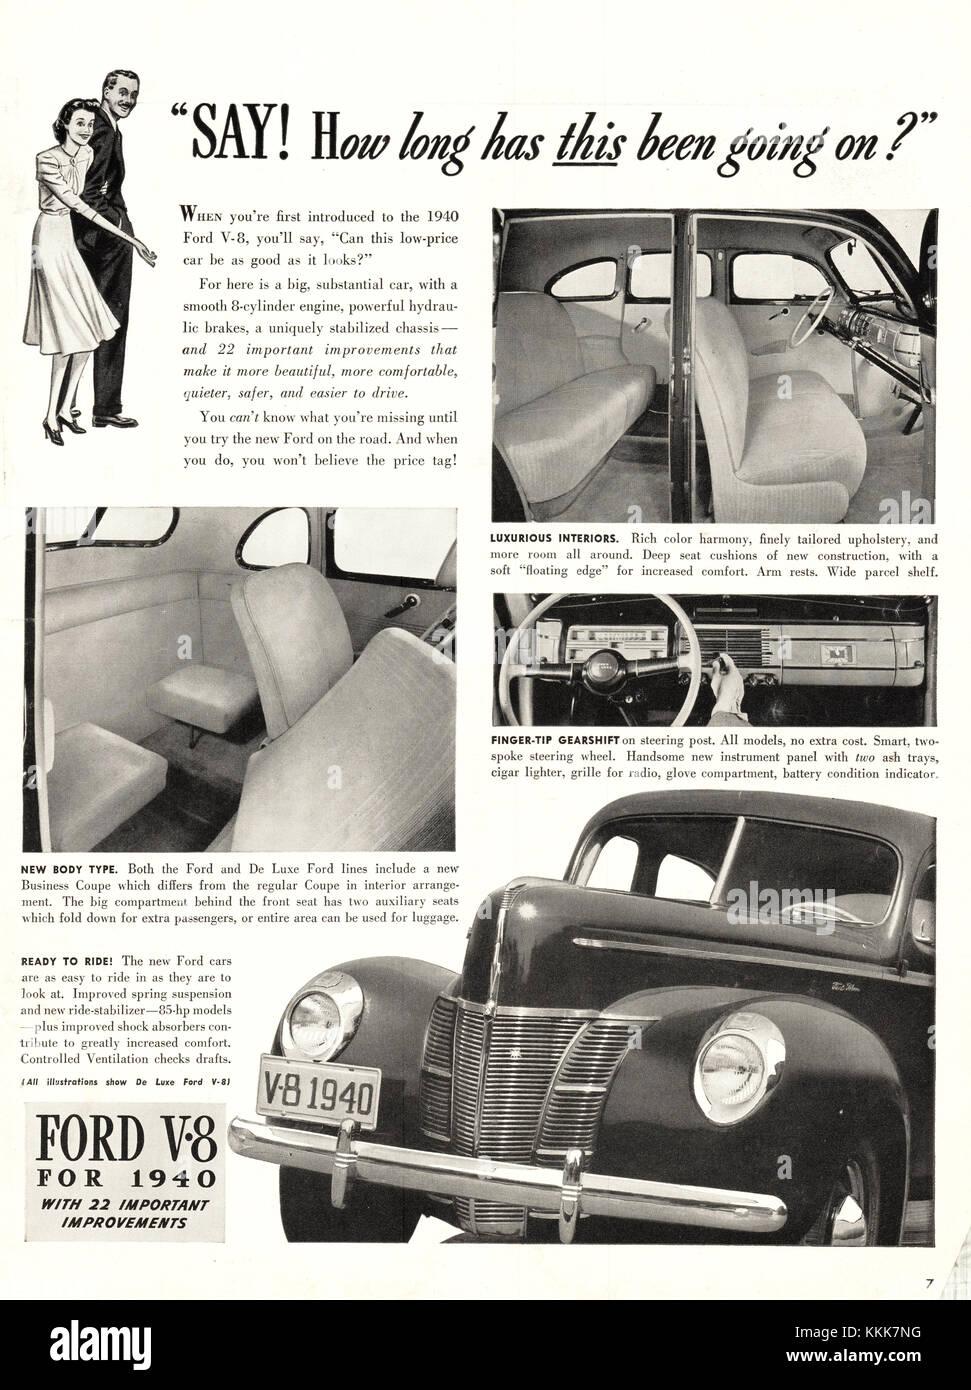 1939 U.S. Magazine Ford V-8 Car Advert Stock Photo, Royalty Free ...